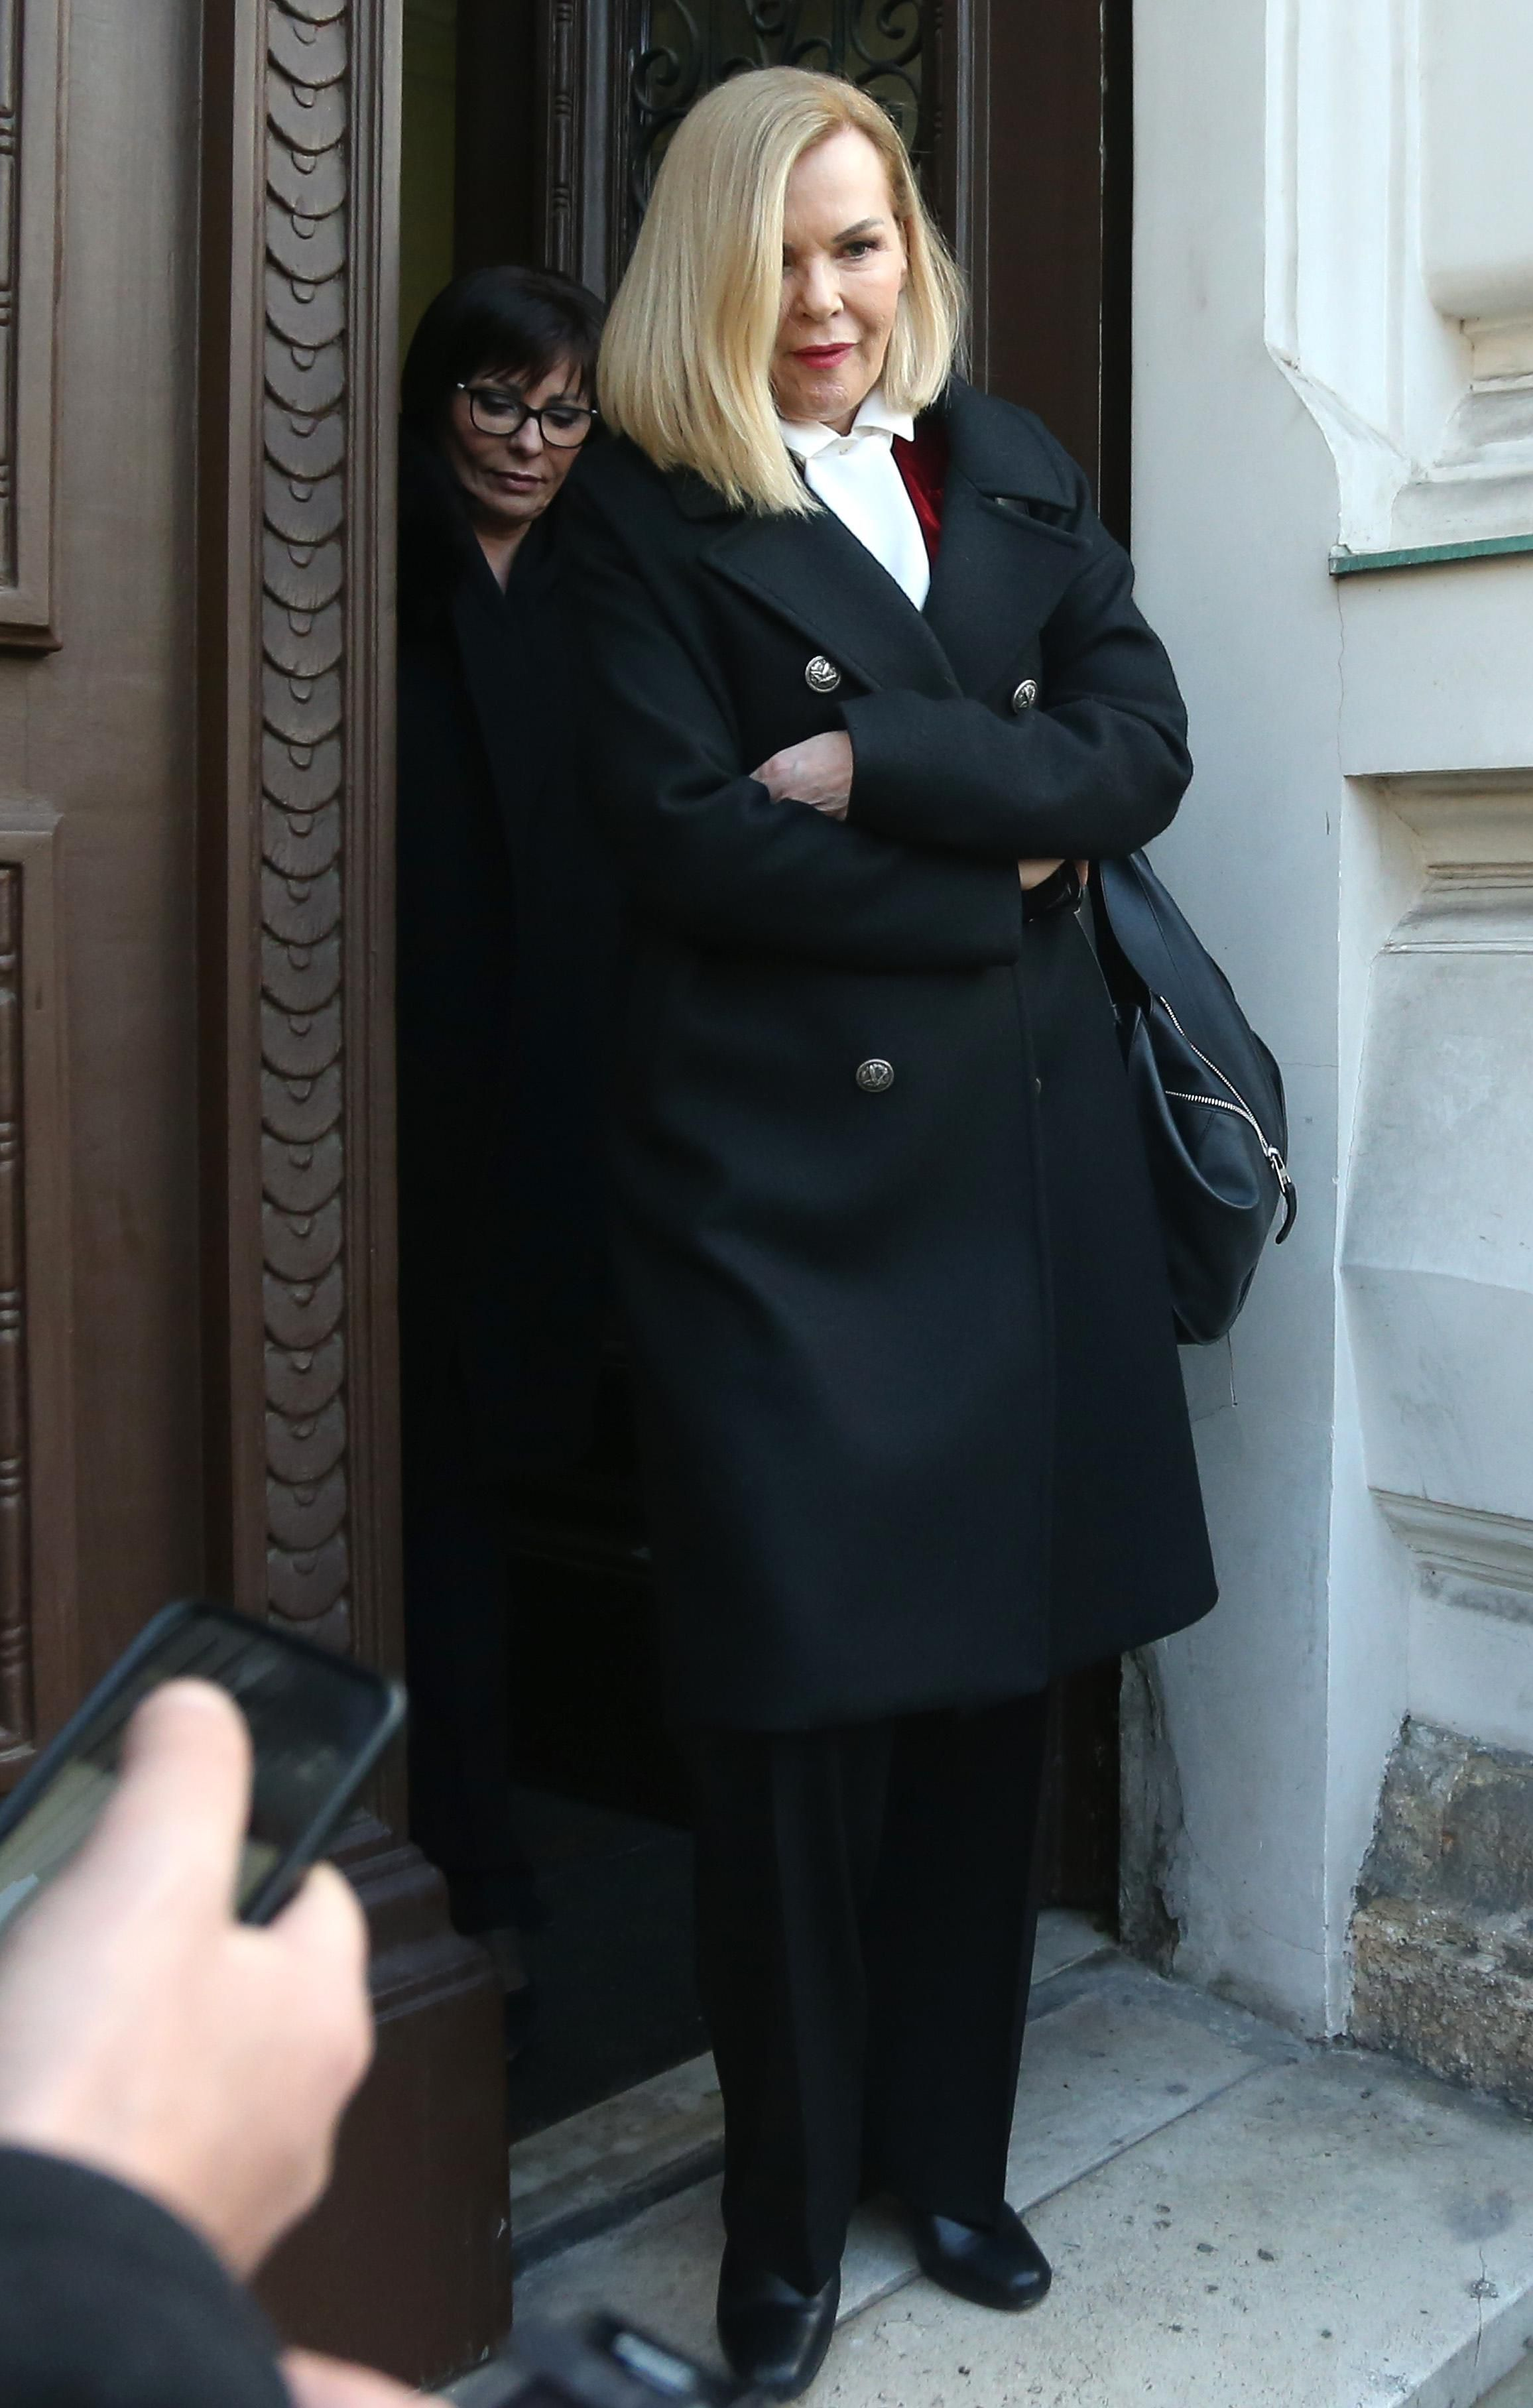 Jadranka Sloković nosi najpopularniji kaput koji nikad ne izlazi iz mode